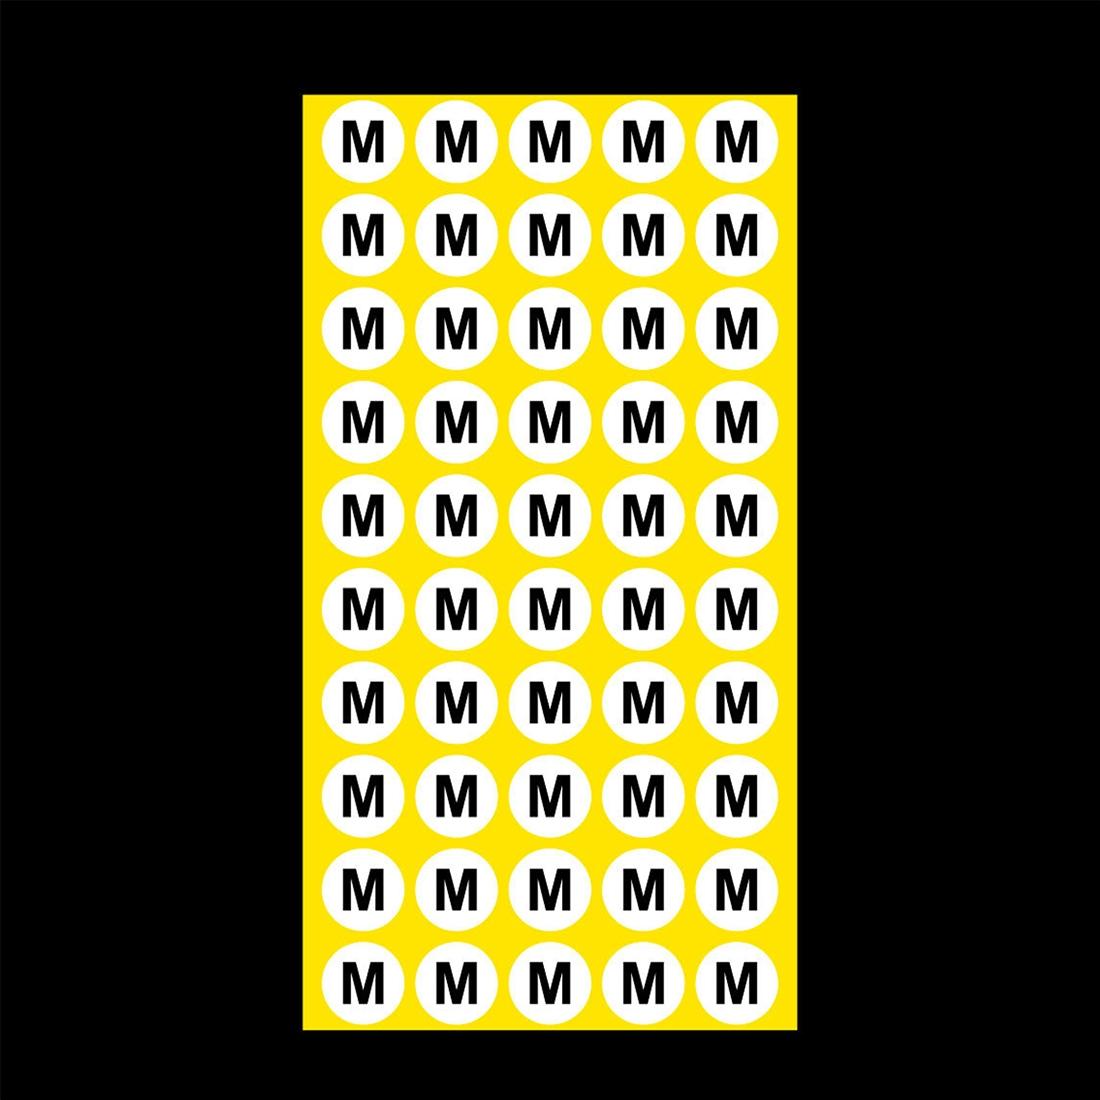 1000 PCS Round Shape Size Sticker Clothes Size Label, Size: M